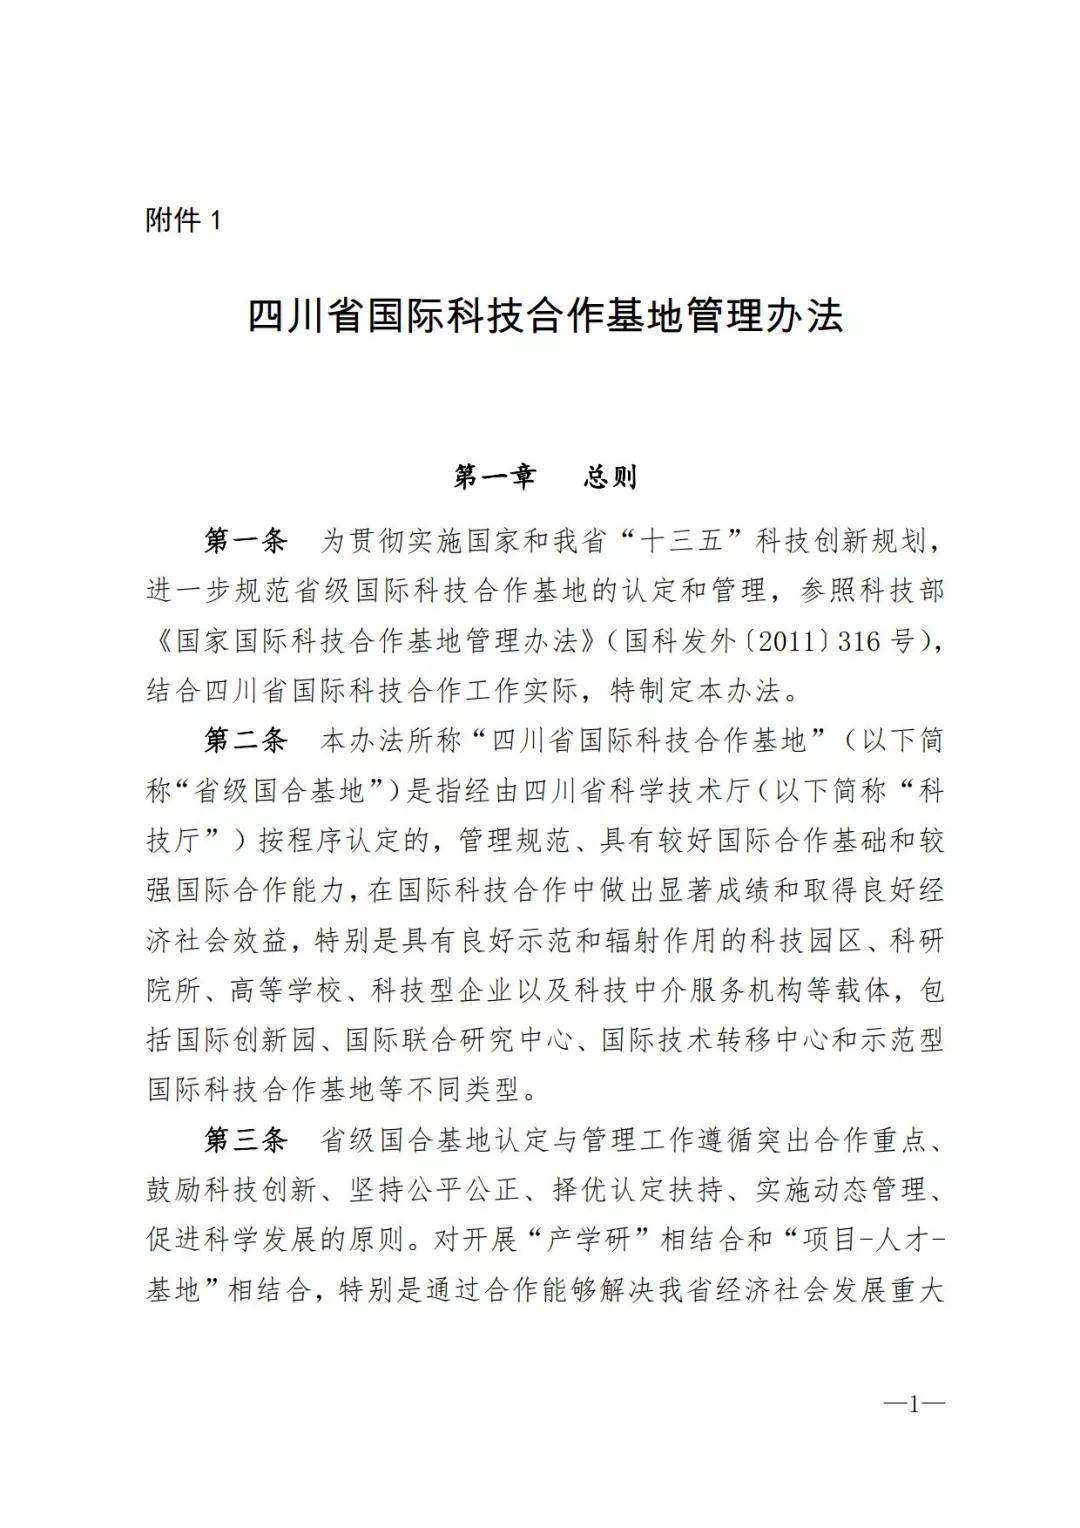 关于开展2019年度四川省国际科技合作基地认定工作的通知